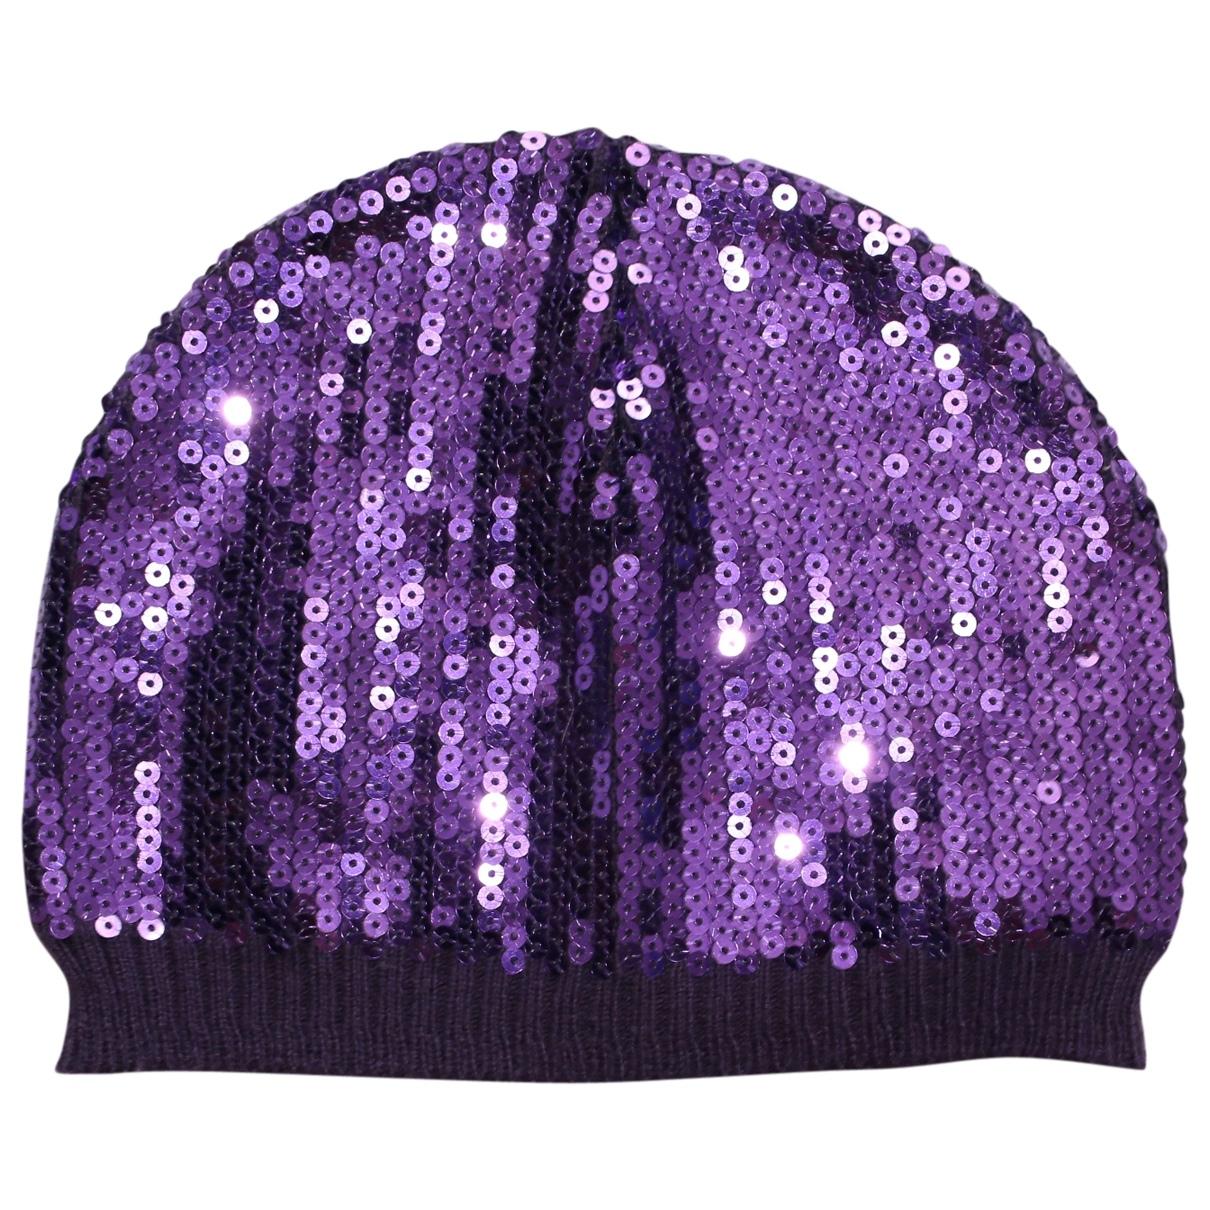 Sombrero de Con lentejuelas Non Signe / Unsigned